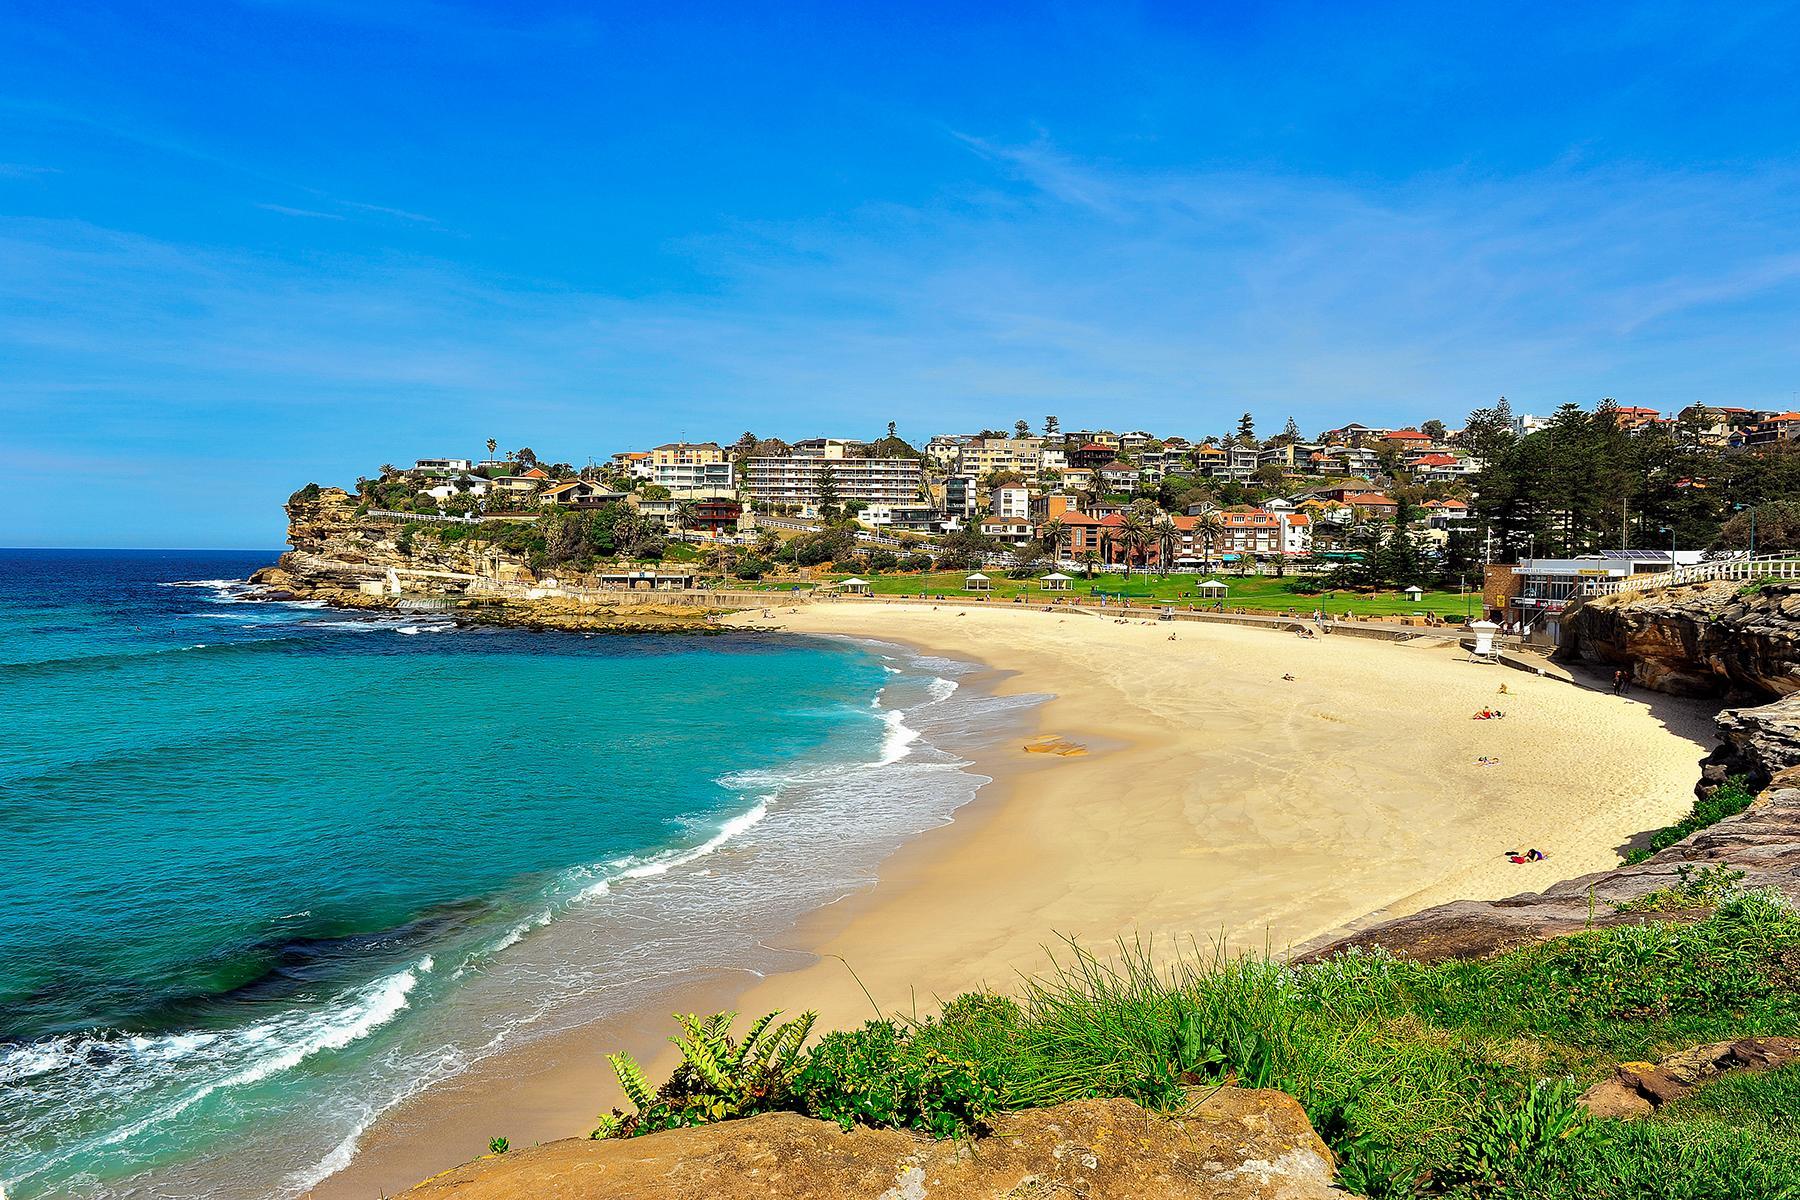 11_Australia_WTK_Beach_dreamstime_xxl_87352809